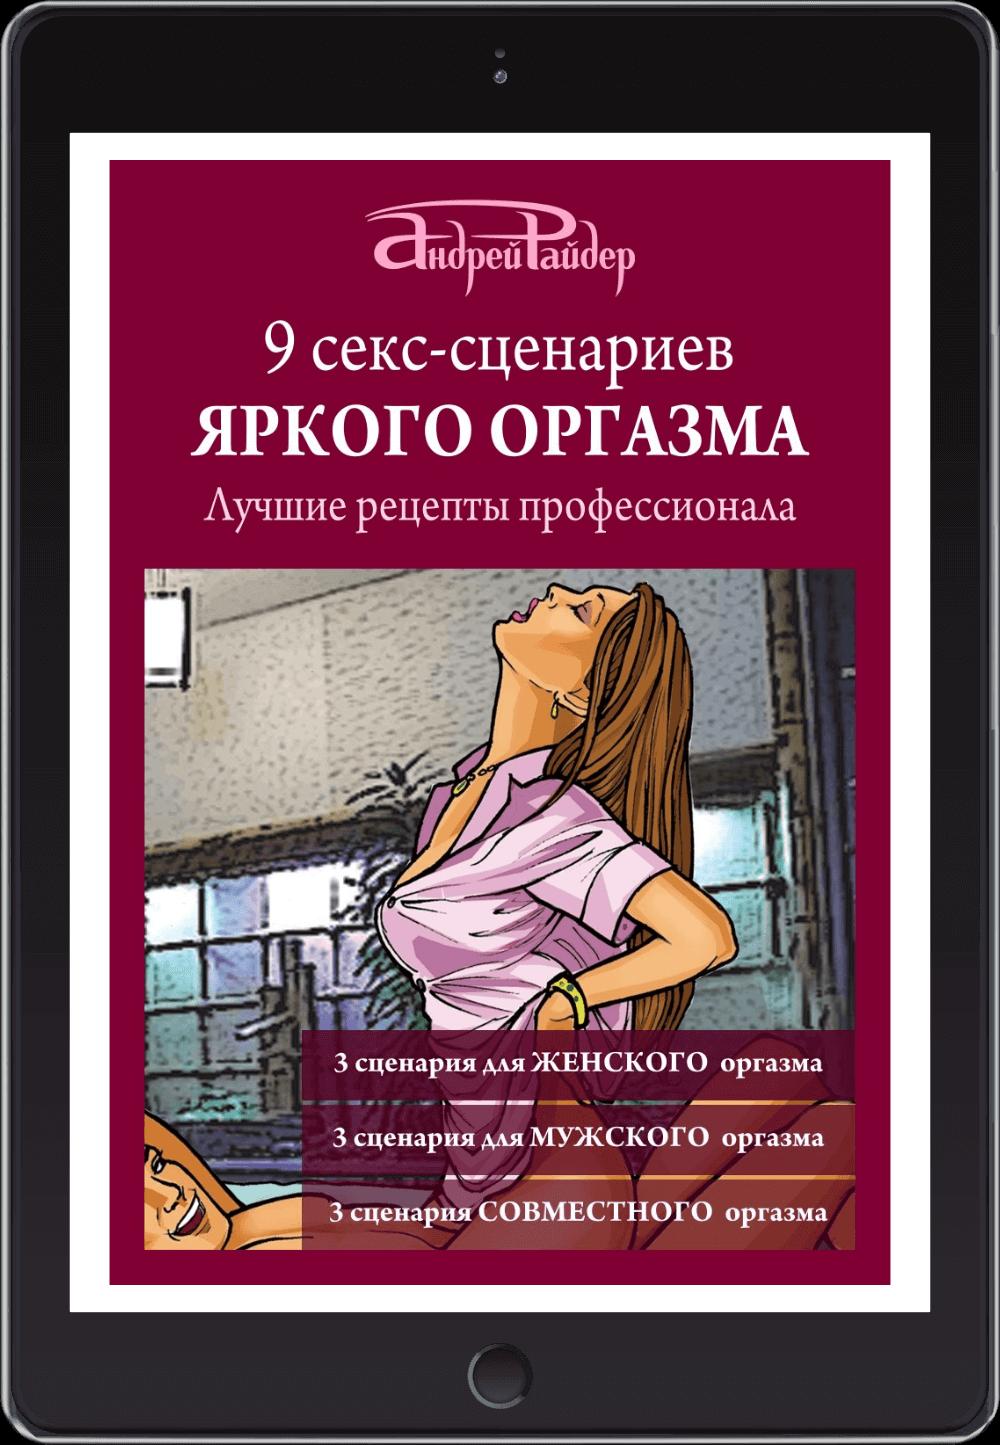 Женский Оргазм Скачать На Телефон